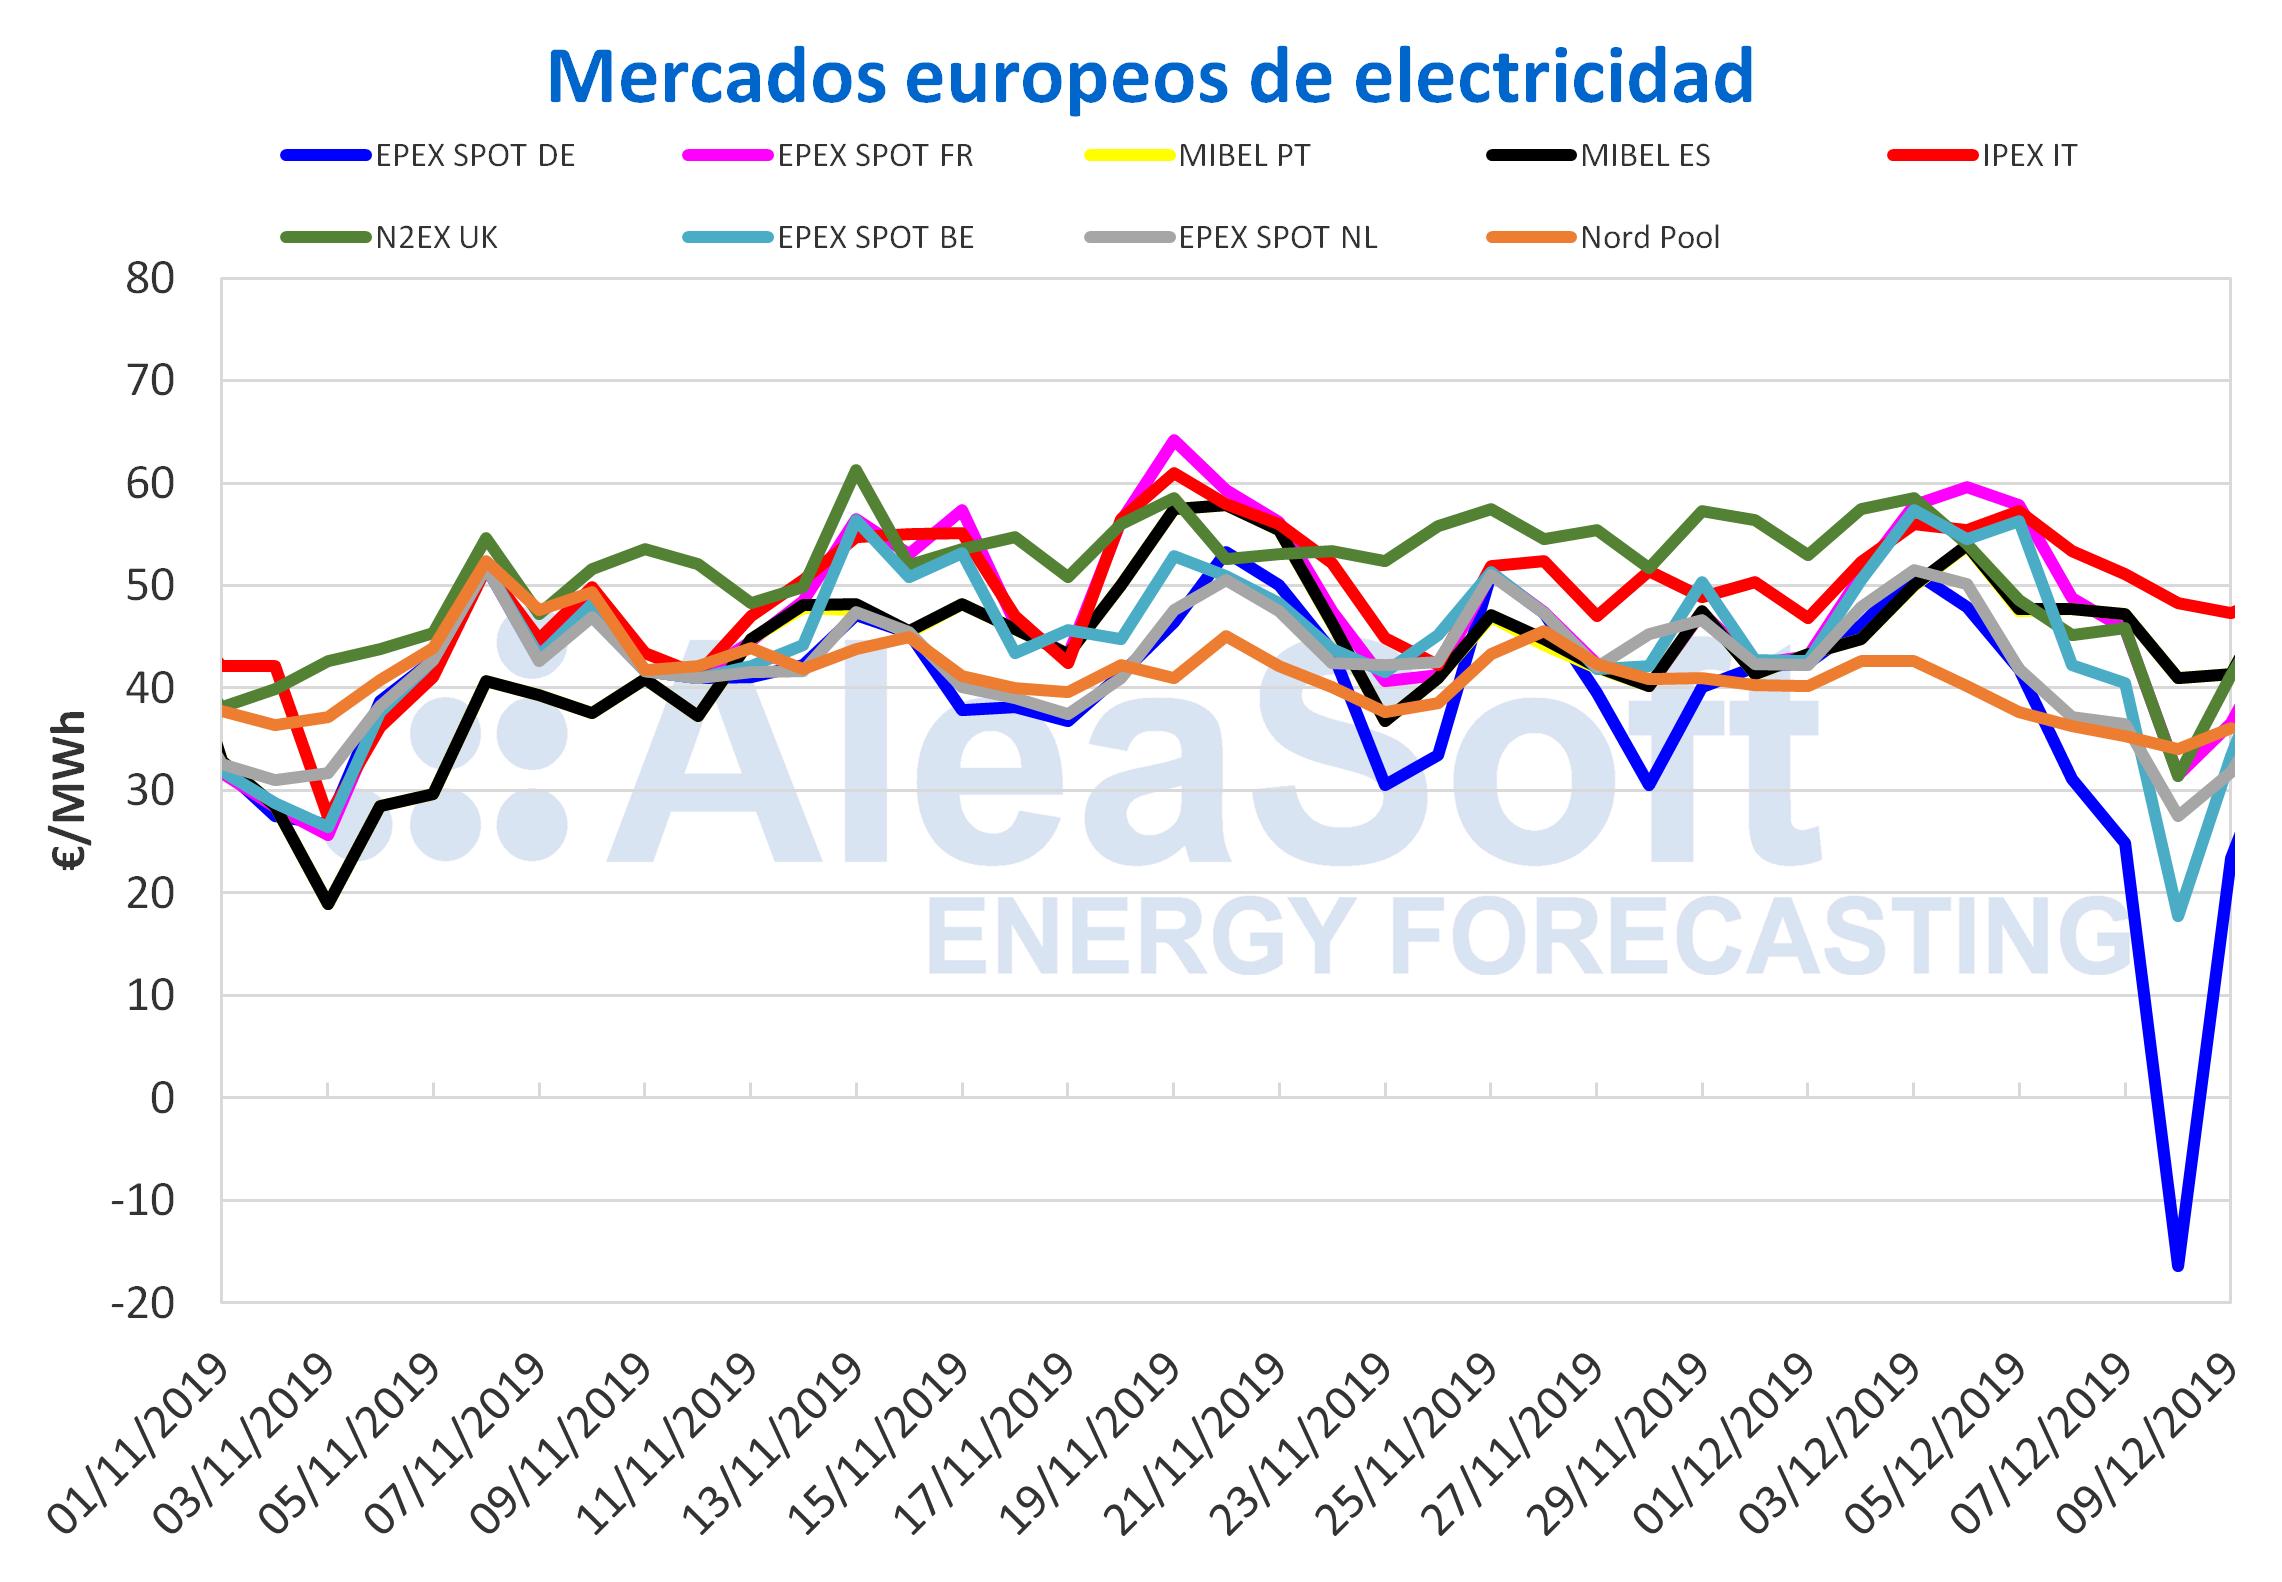 AleaSoft - Mercados eléctricos europeos